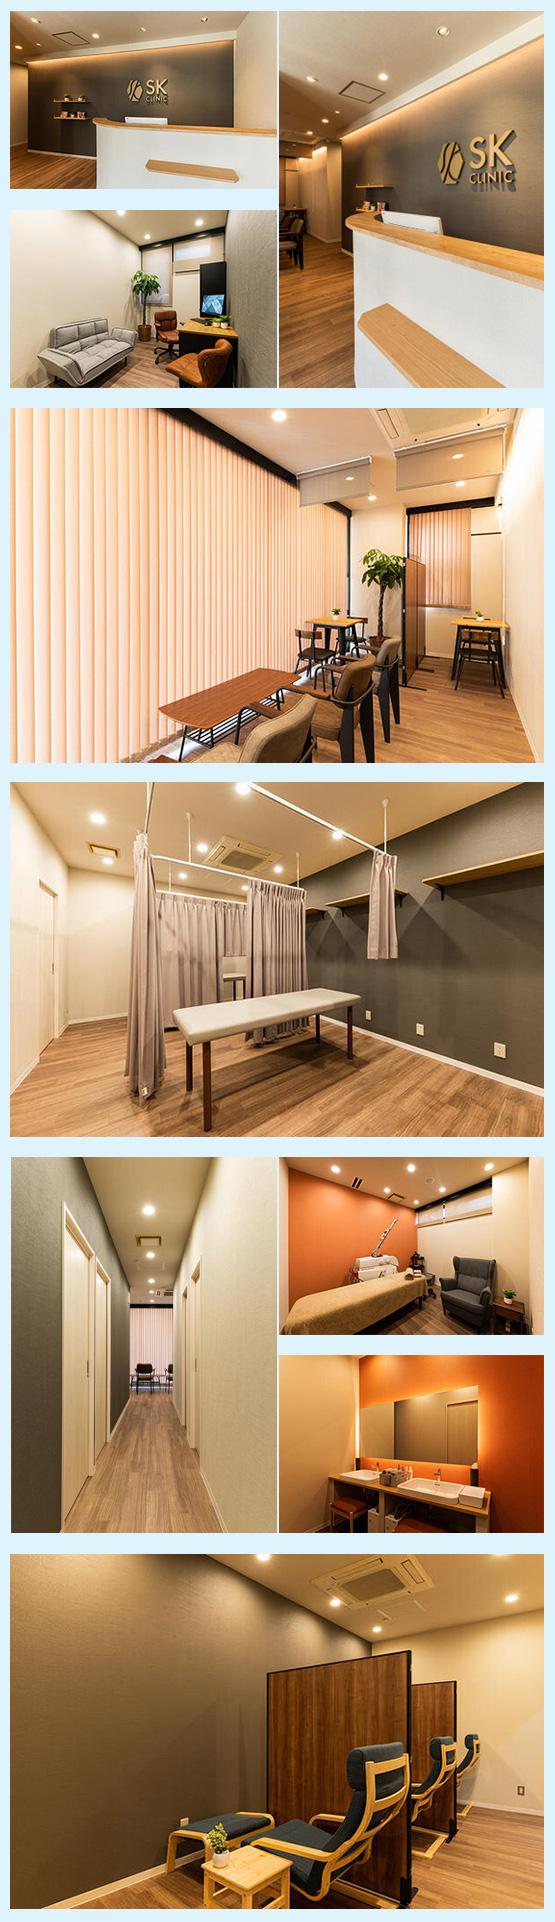 美容室・サロン・エステ 内装デザイン事例2